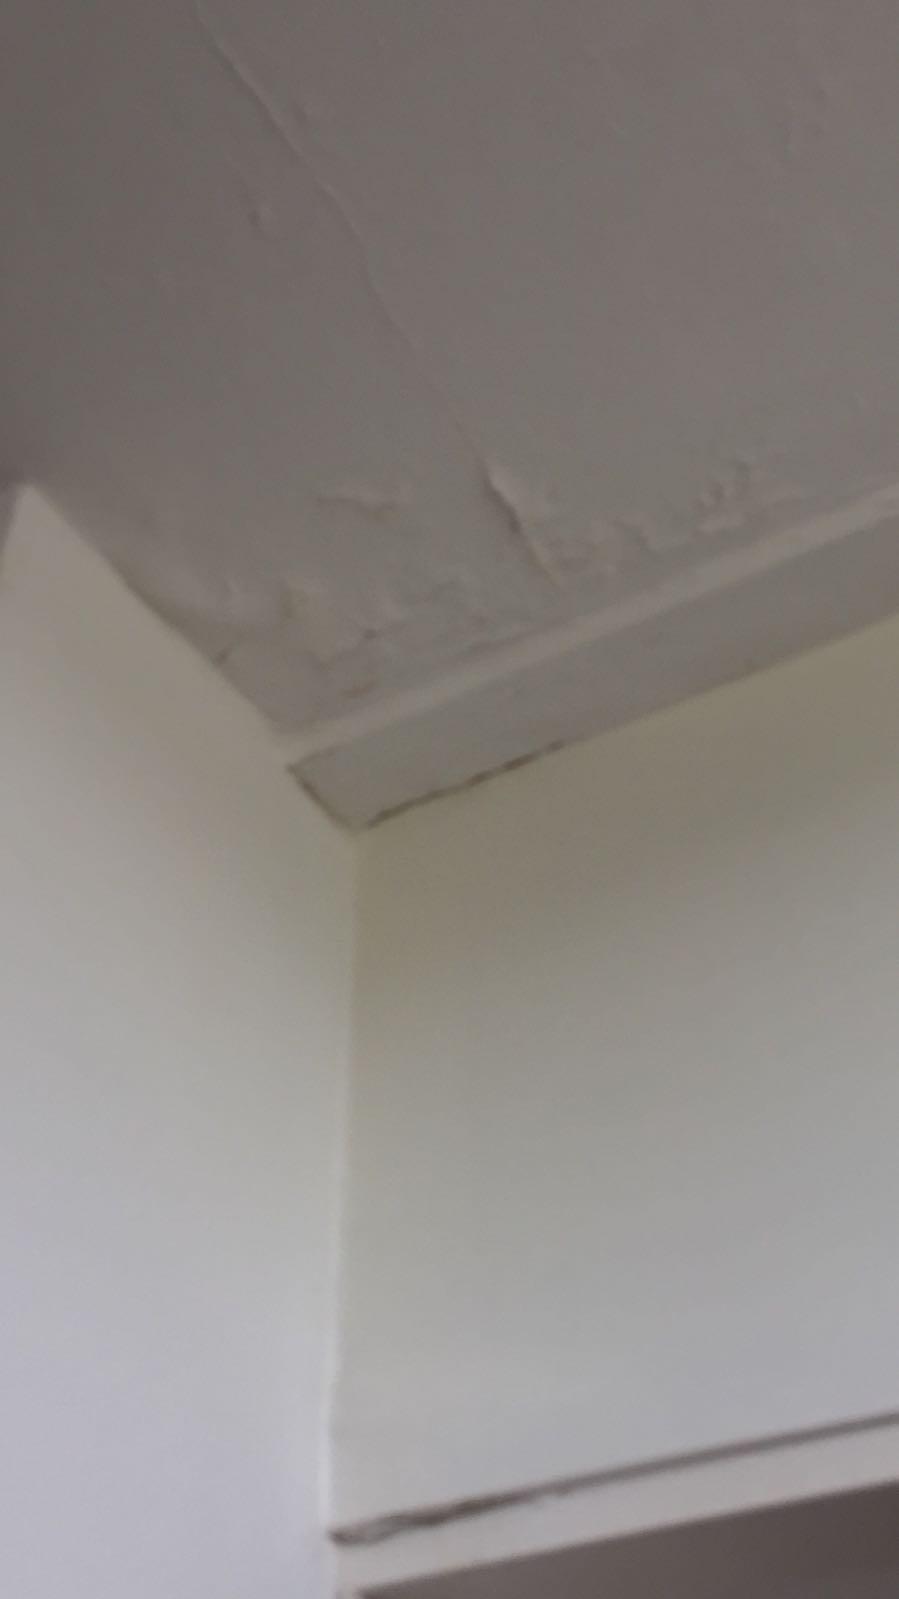 ook-het-plafond-in-mijn-keuken-geheel-beschadigd-en-na-5-maanden-nog-steeds-niet-verholpen-kan-dus-wel-wat-positiviteit-kwijt-in-mijn-keuken-doormiddel-van-een-leuk-servies